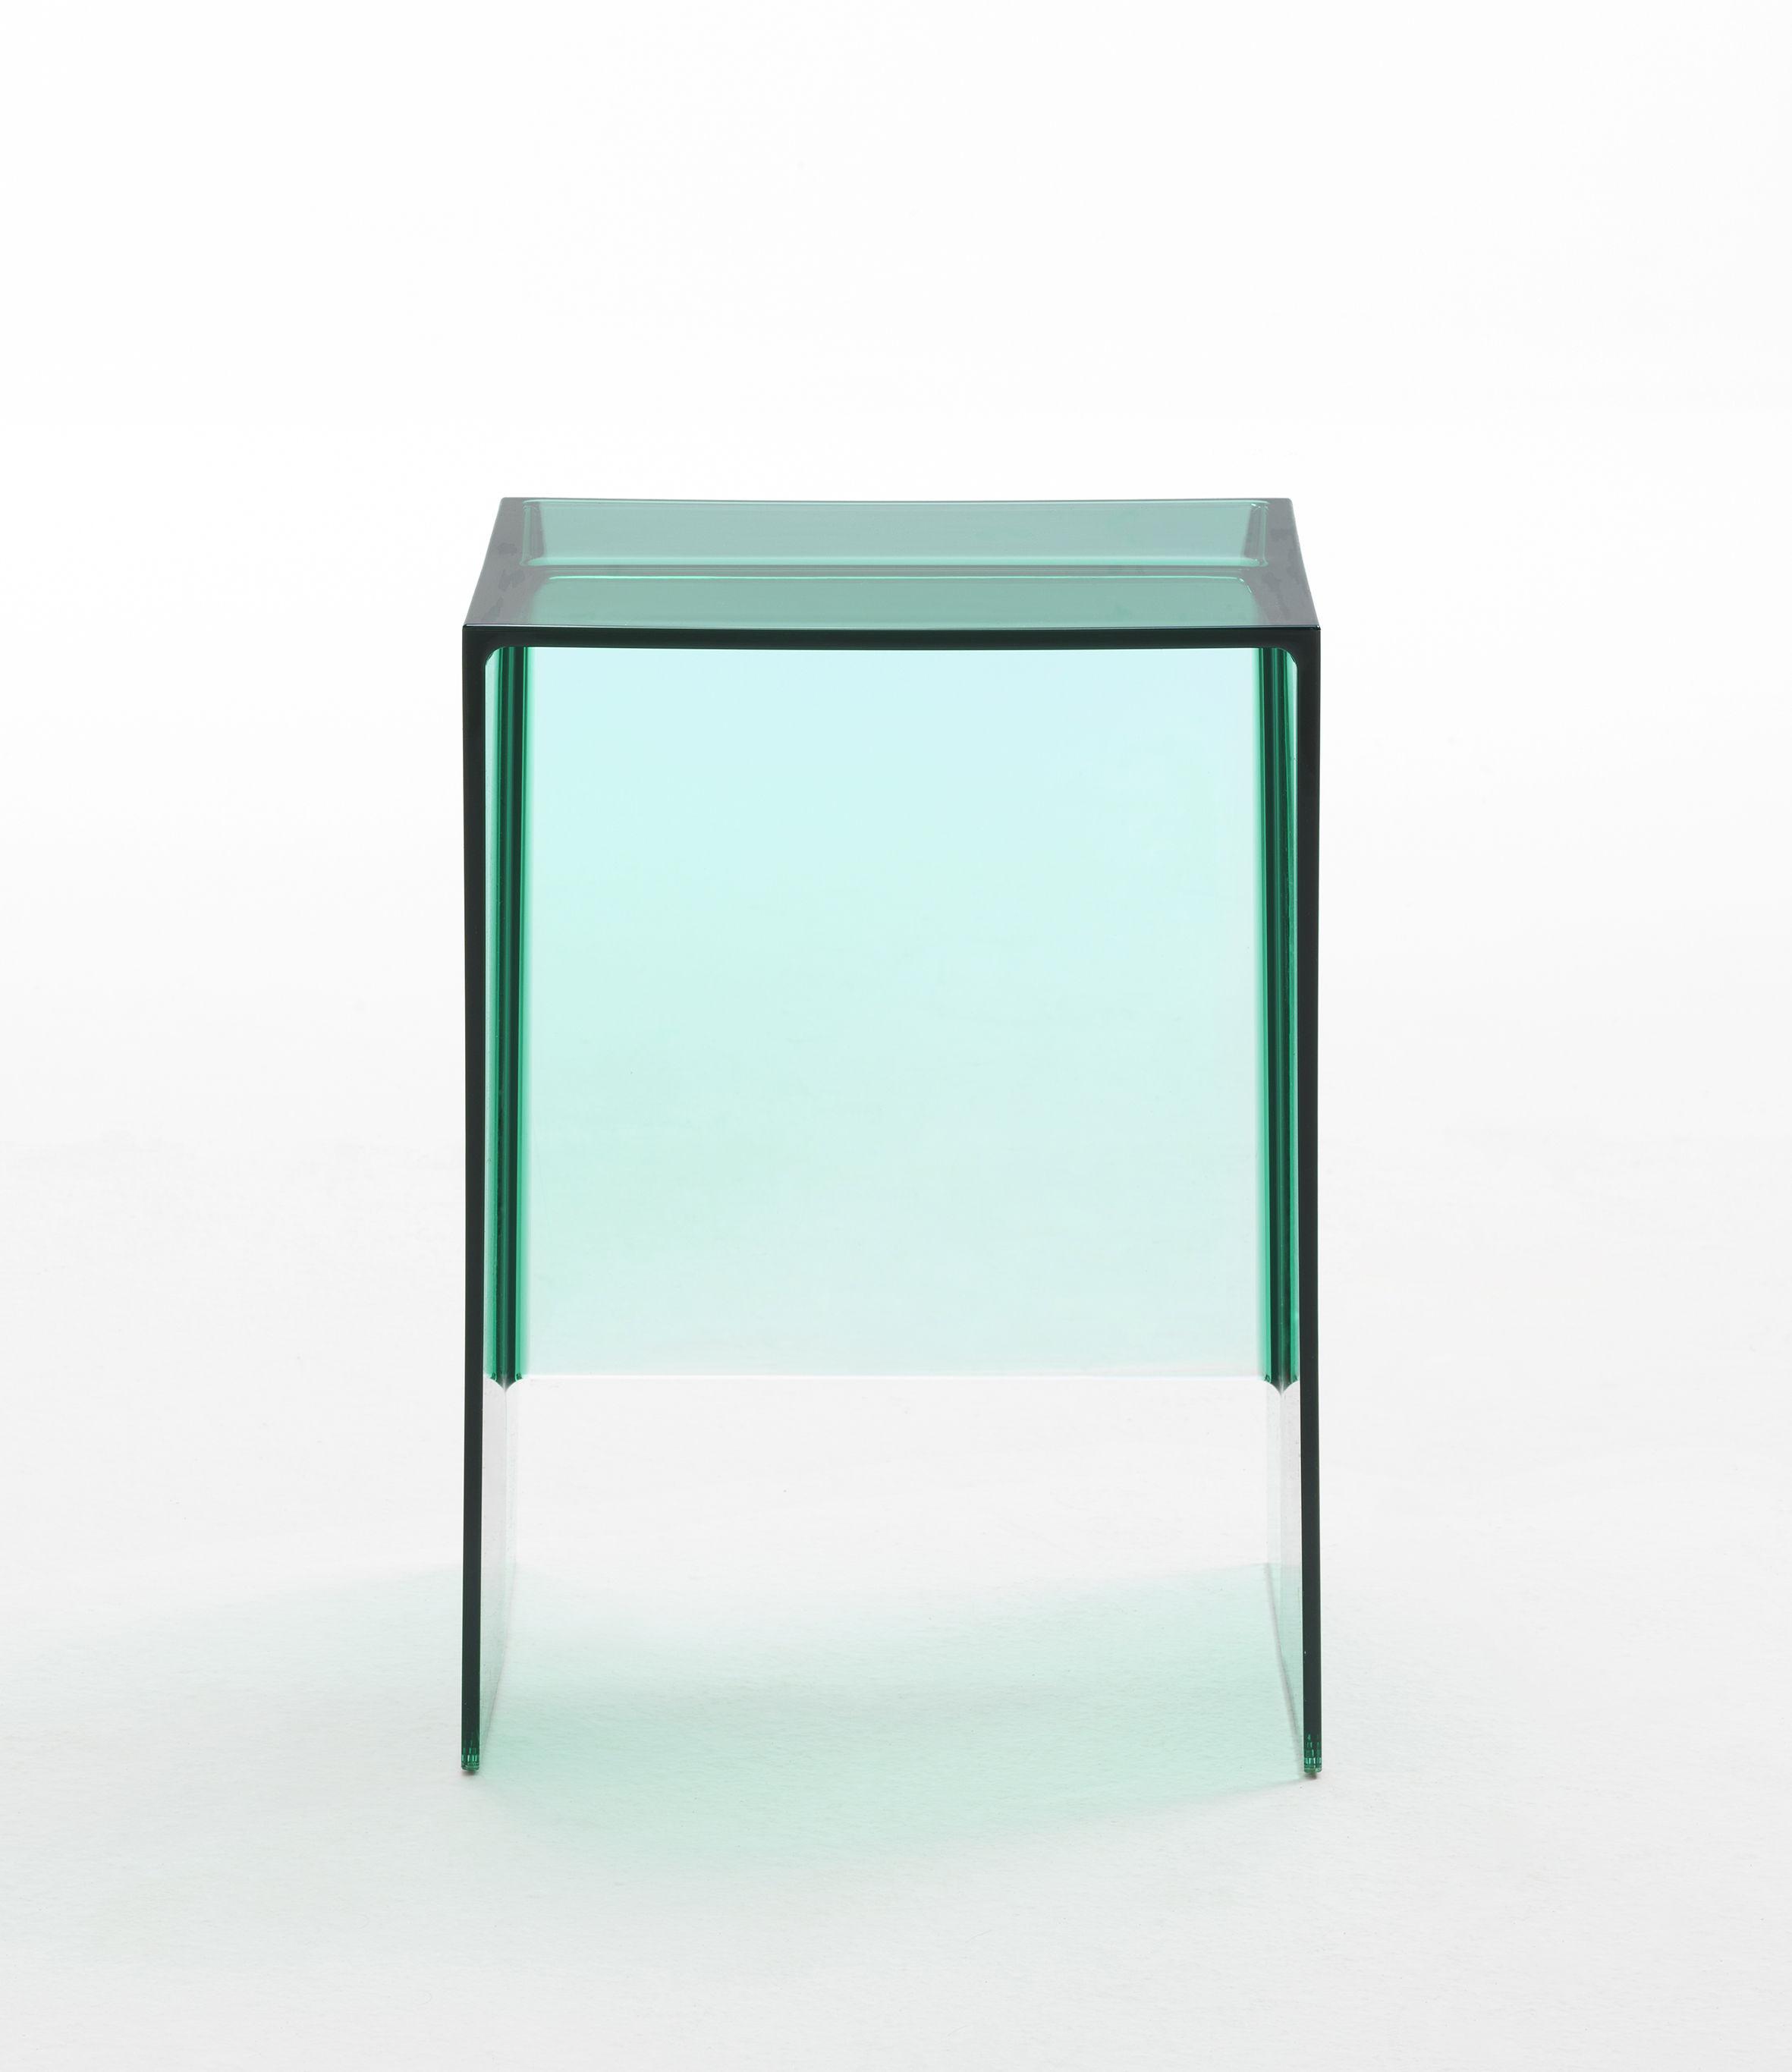 Scopri tavolino d 39 appoggio max beam sgabello verde for Sgabello verde